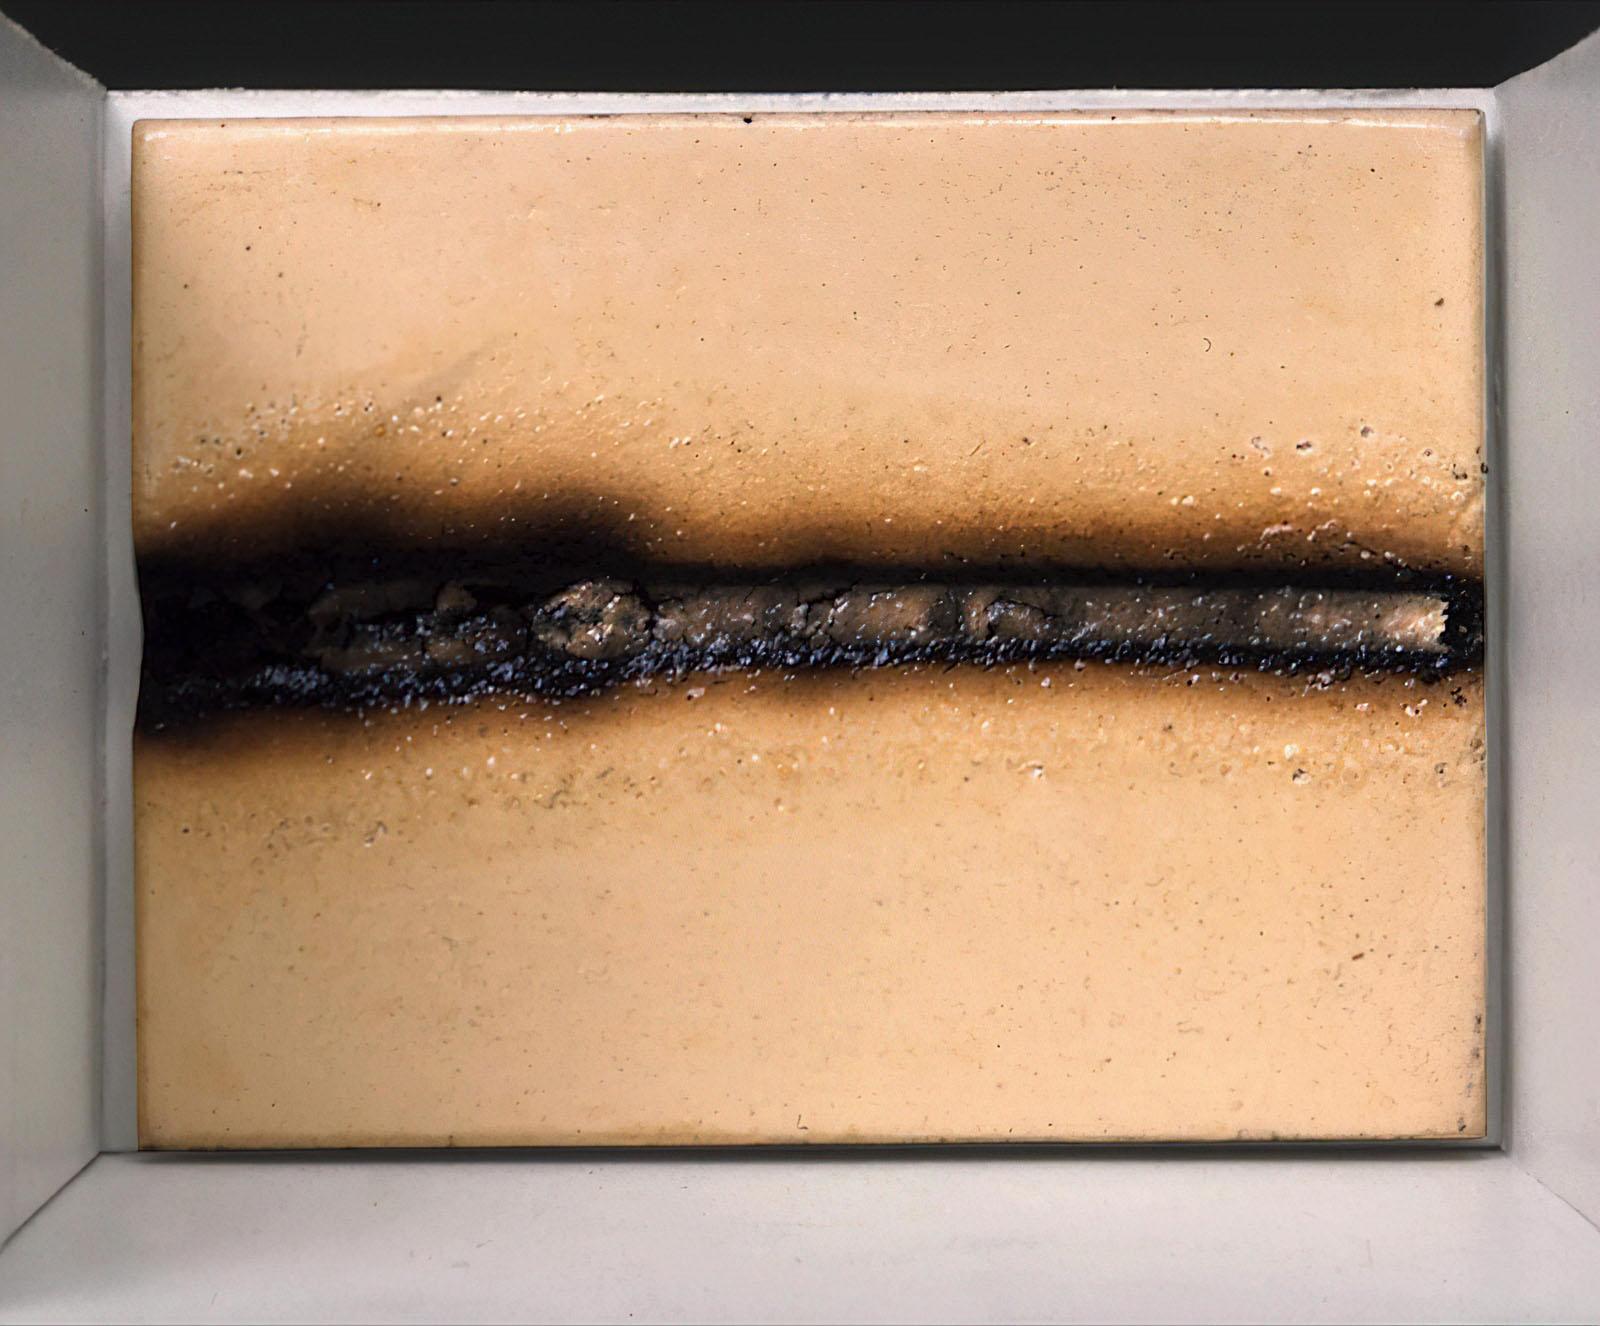 Charles Ross - Sunlight Convergence. Solar Burn: 1 hour